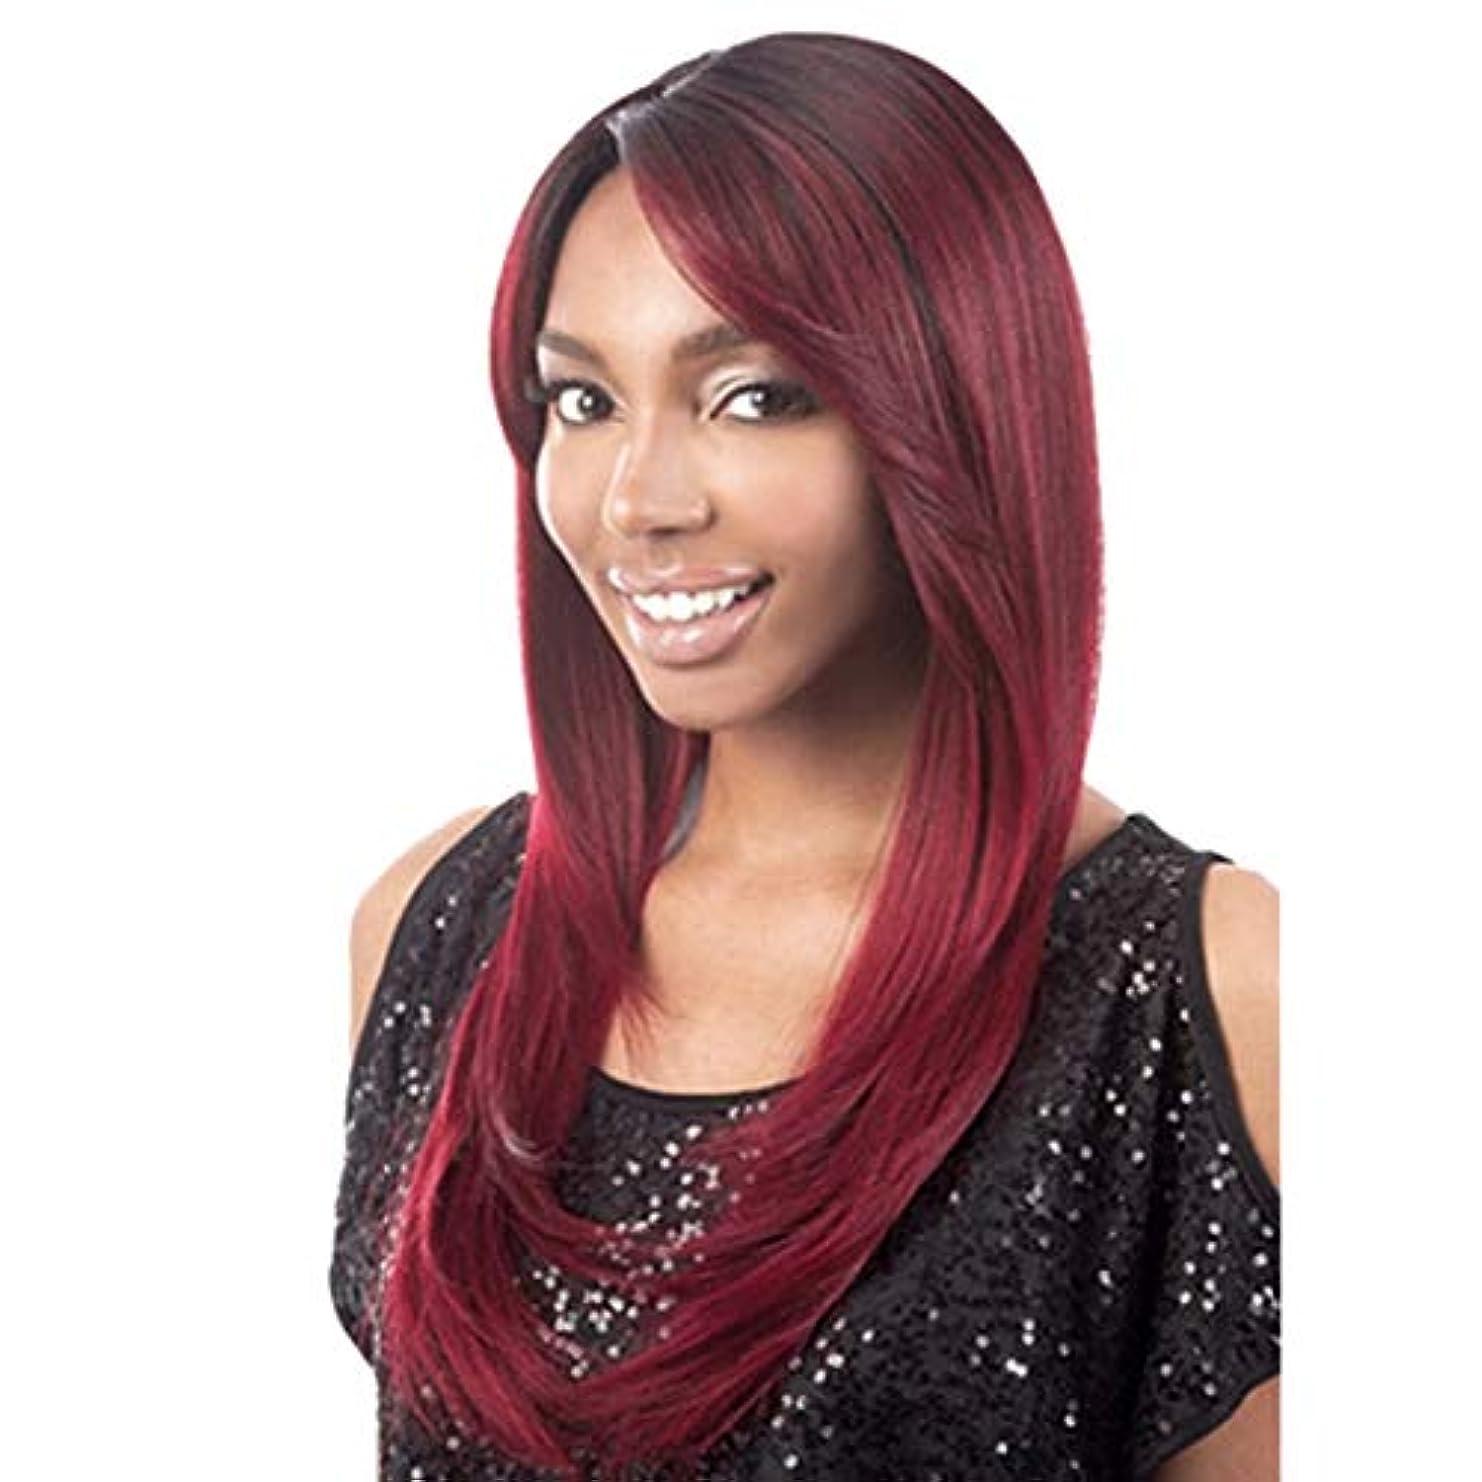 パリティ蒸発月曜Summerys 女性の半分手のための赤い側部分長い自然なストレート耐熱合成毛の交換かつら